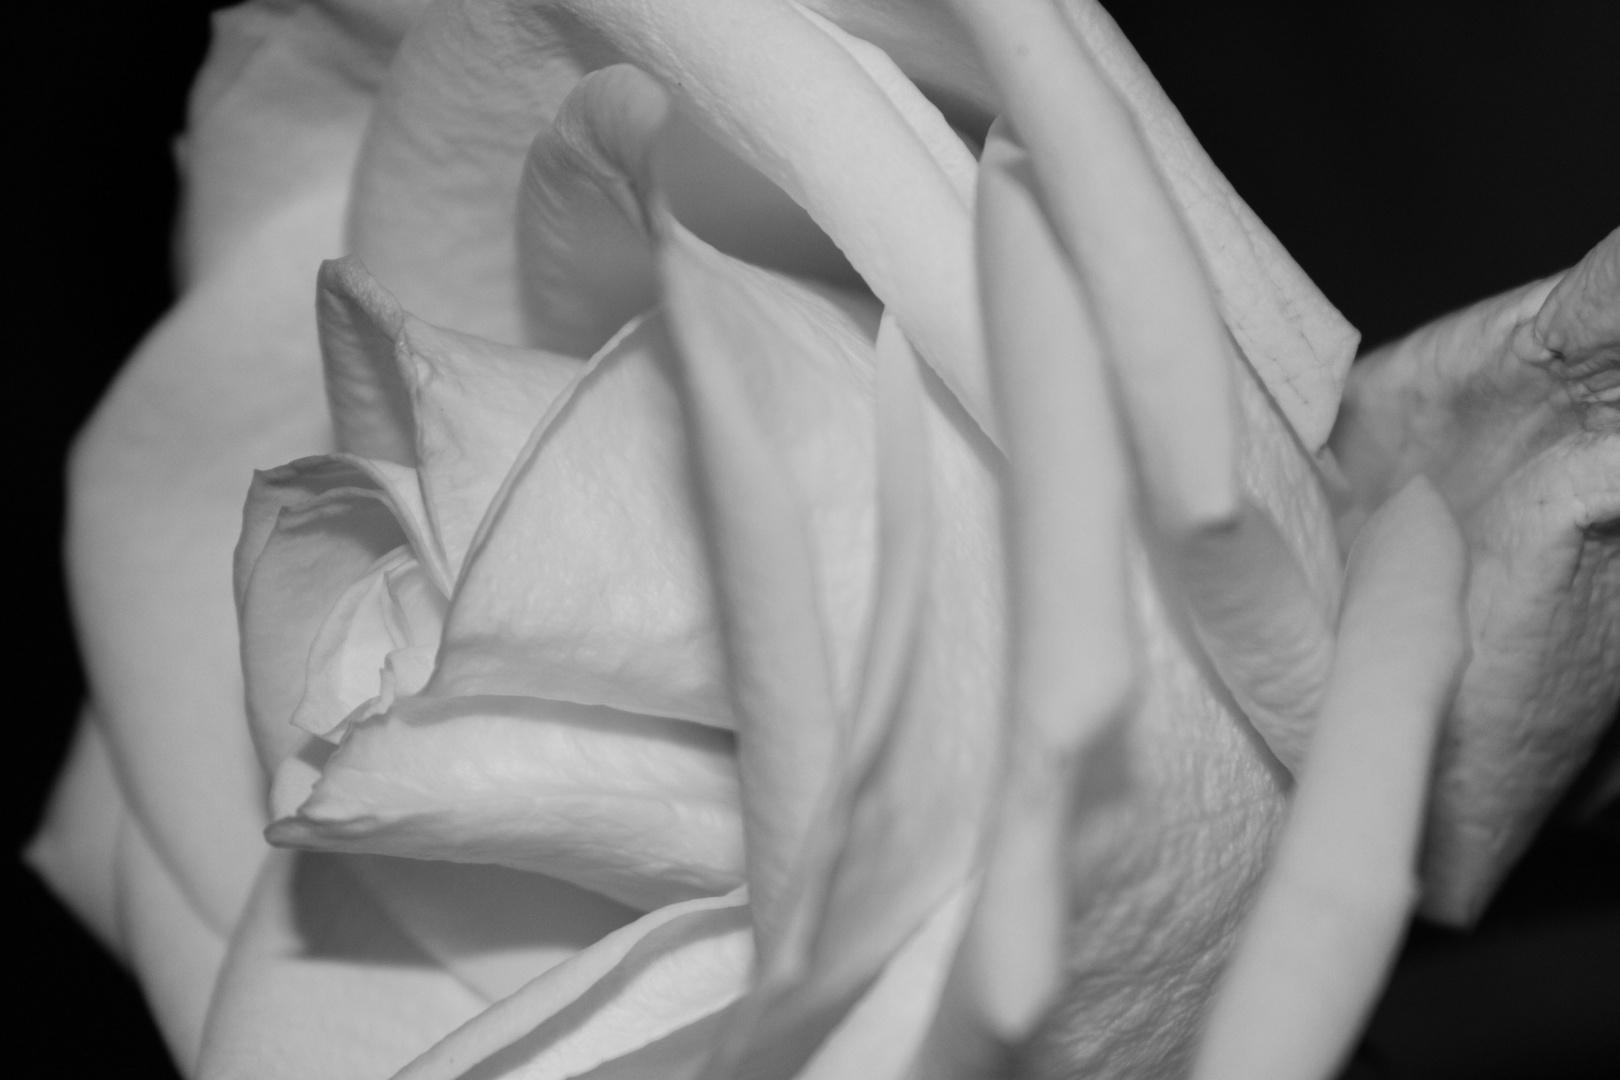 Ein Wunder in Schwarz/Weiß